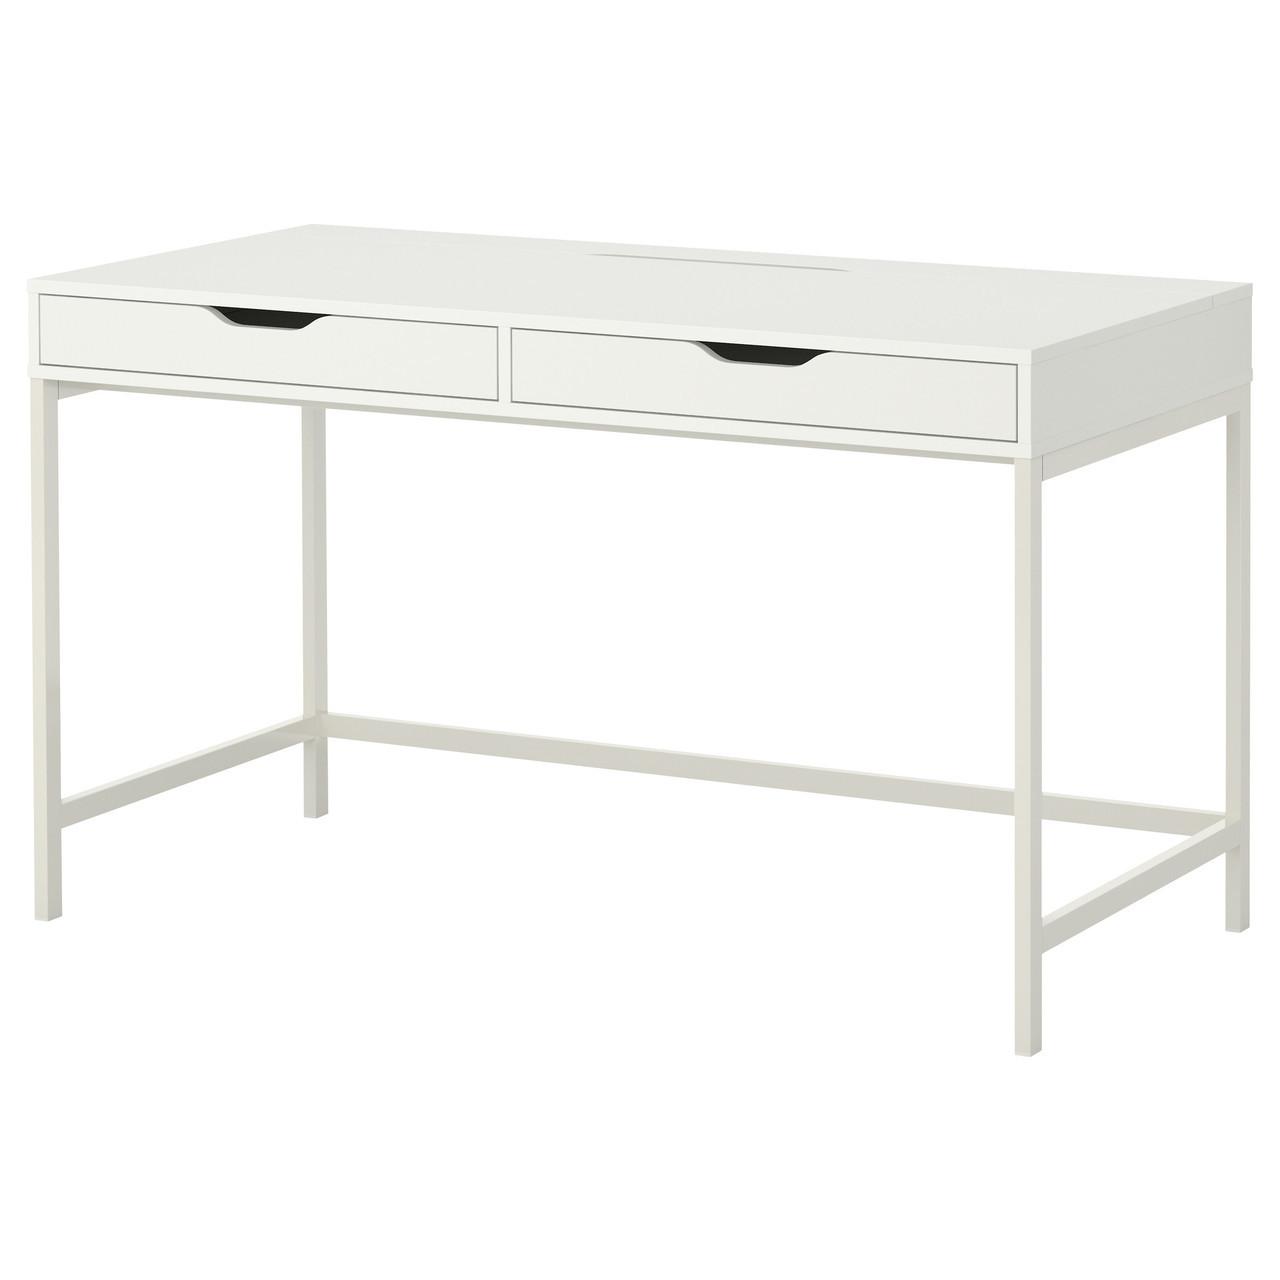 письменный стол Ikea Alex белый 40260717 цена 6 418 грн купить